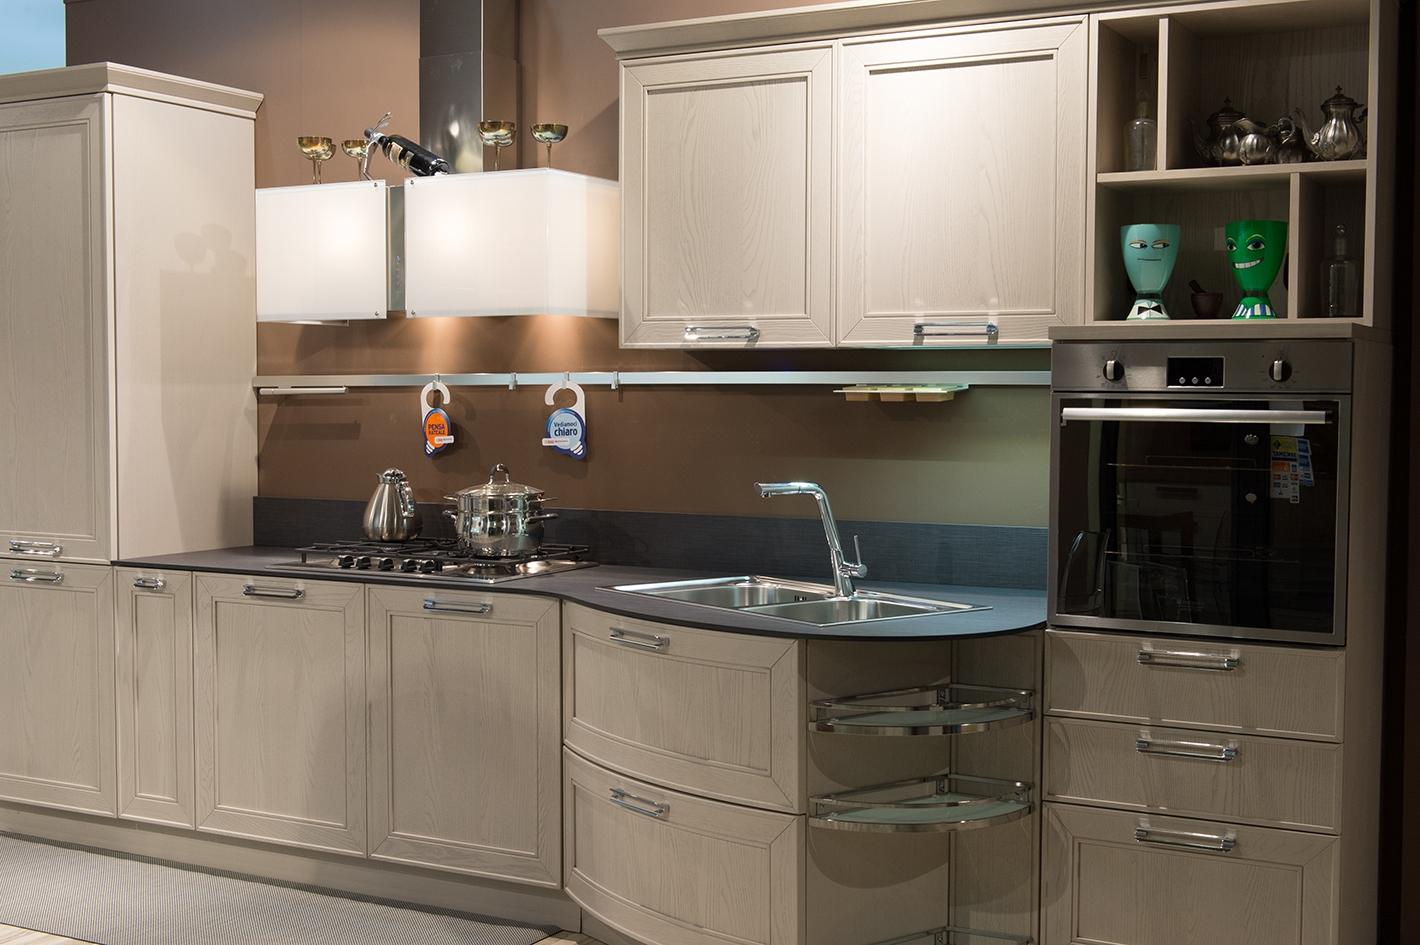 Cucina stosa maxim in offerta 22238 cucine a prezzi scontati - Cucina in offerta ...